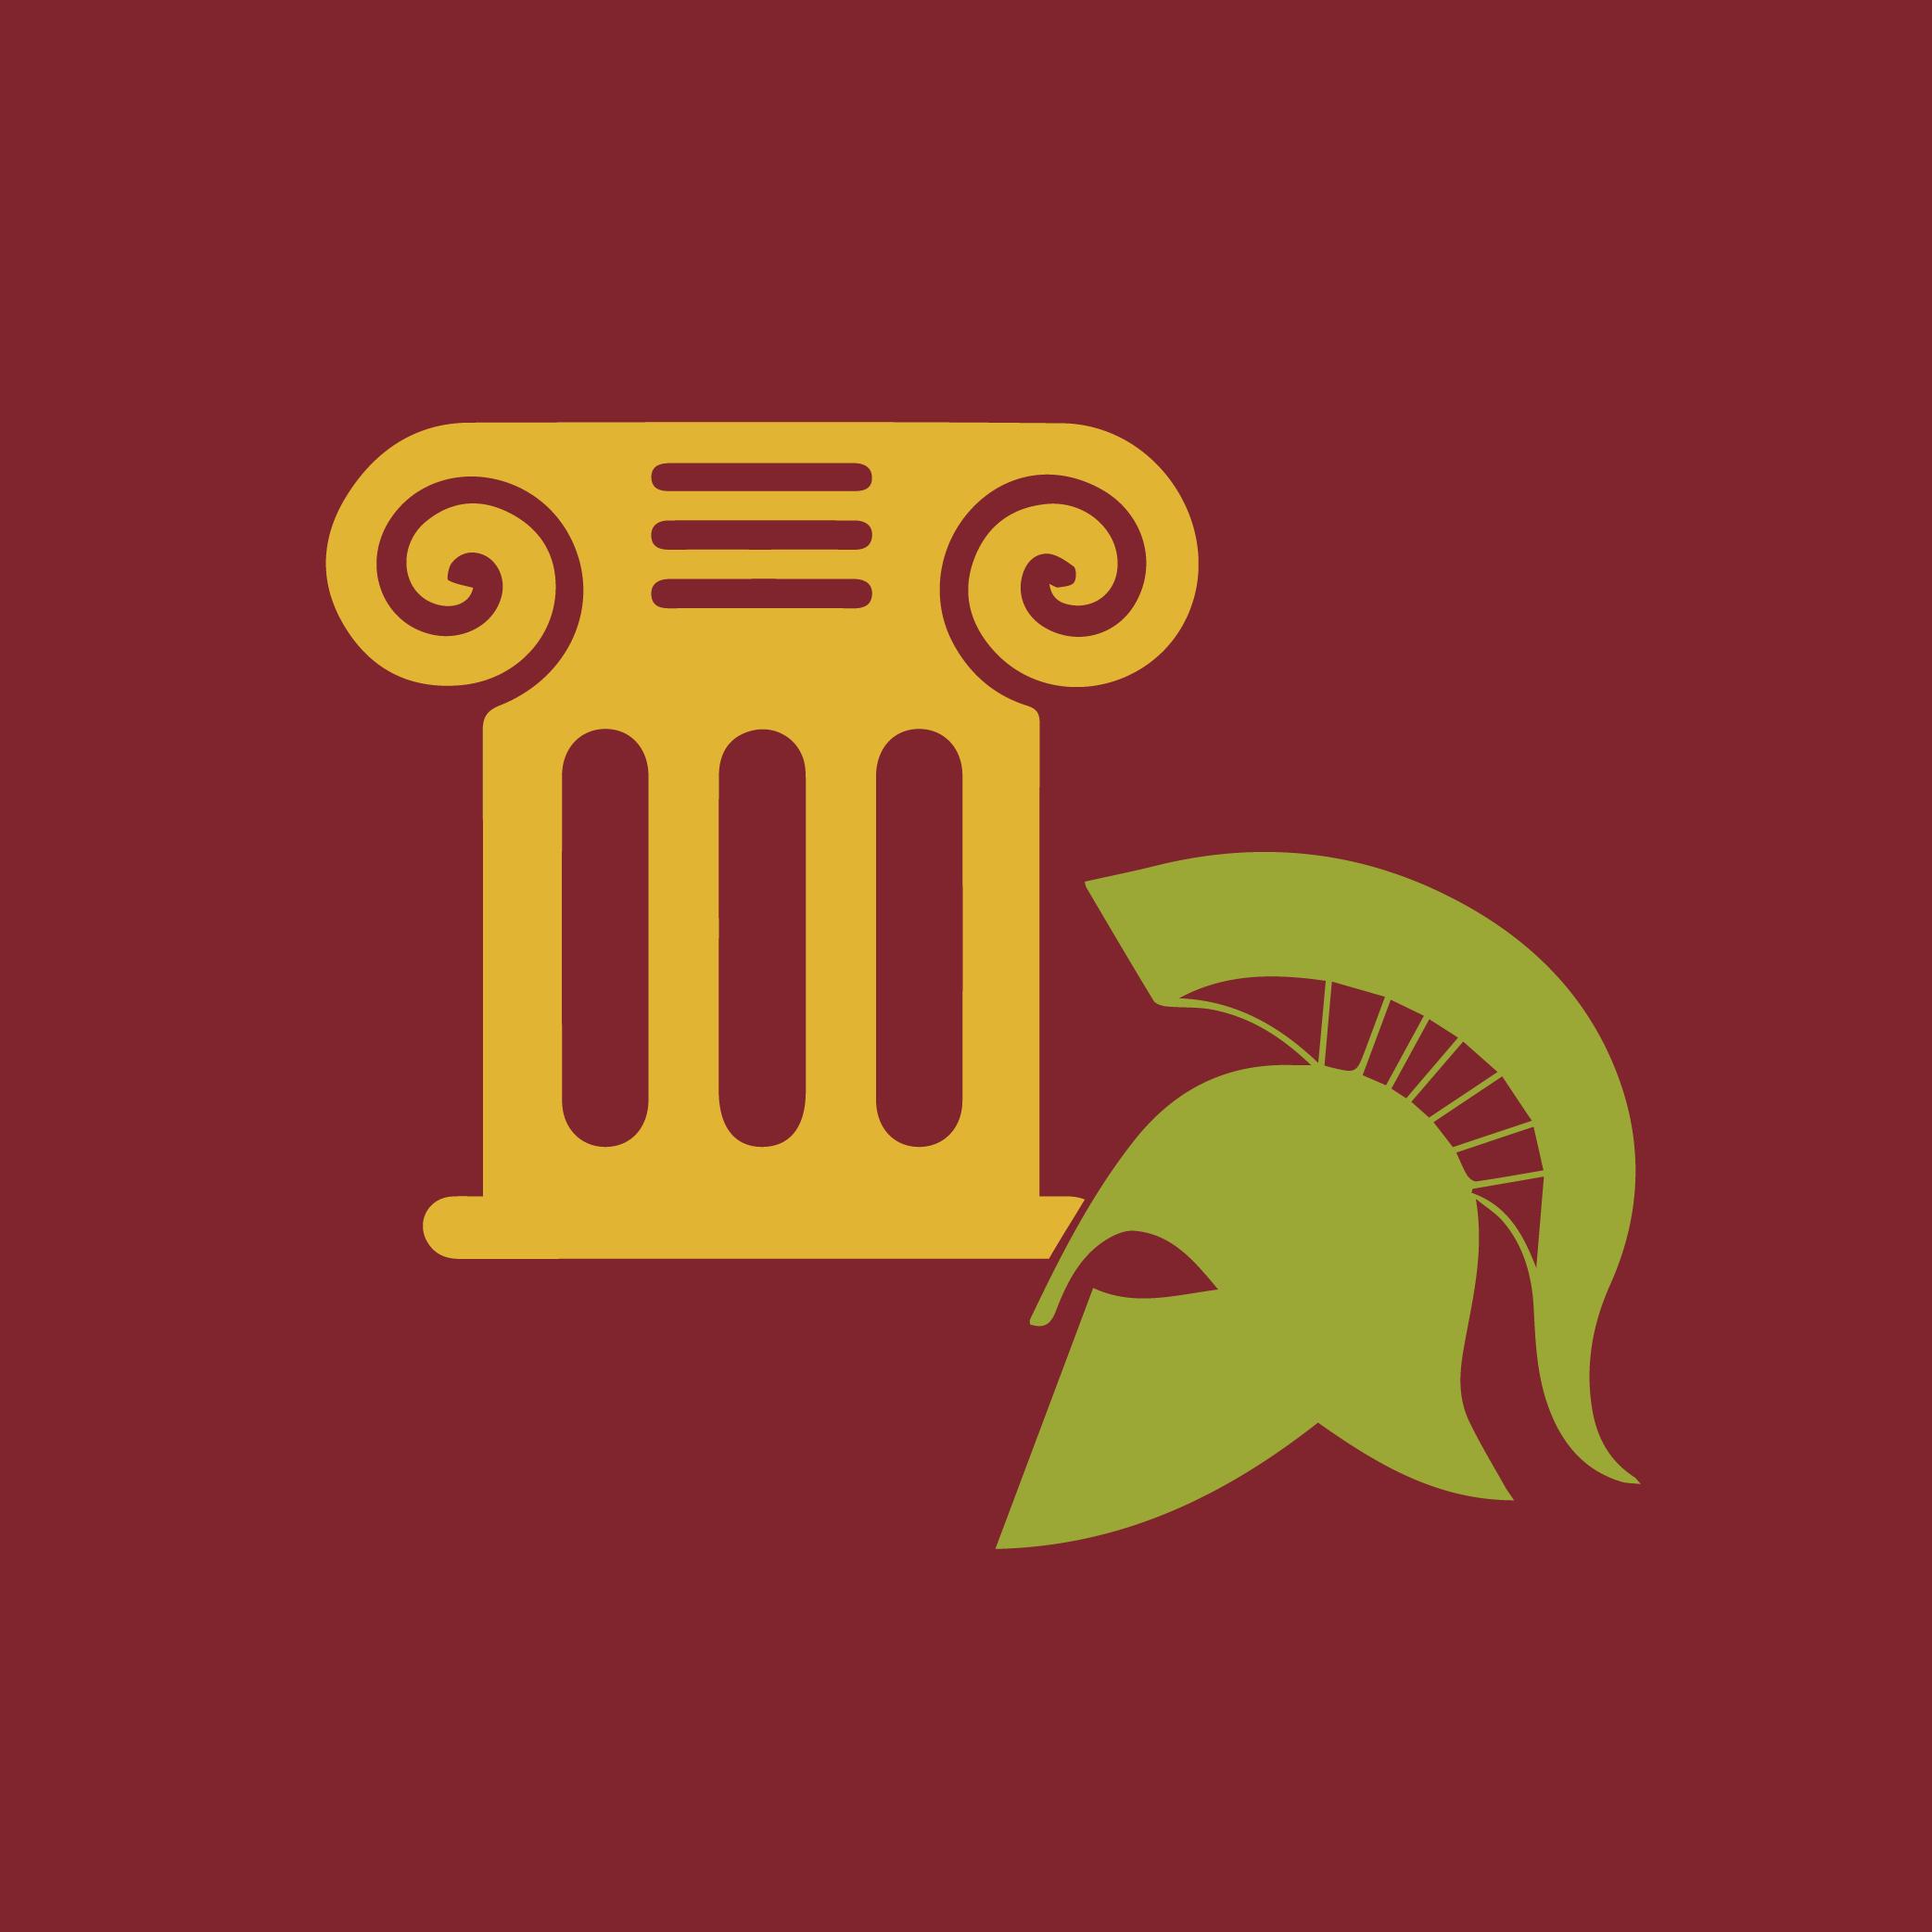 grecs i romans